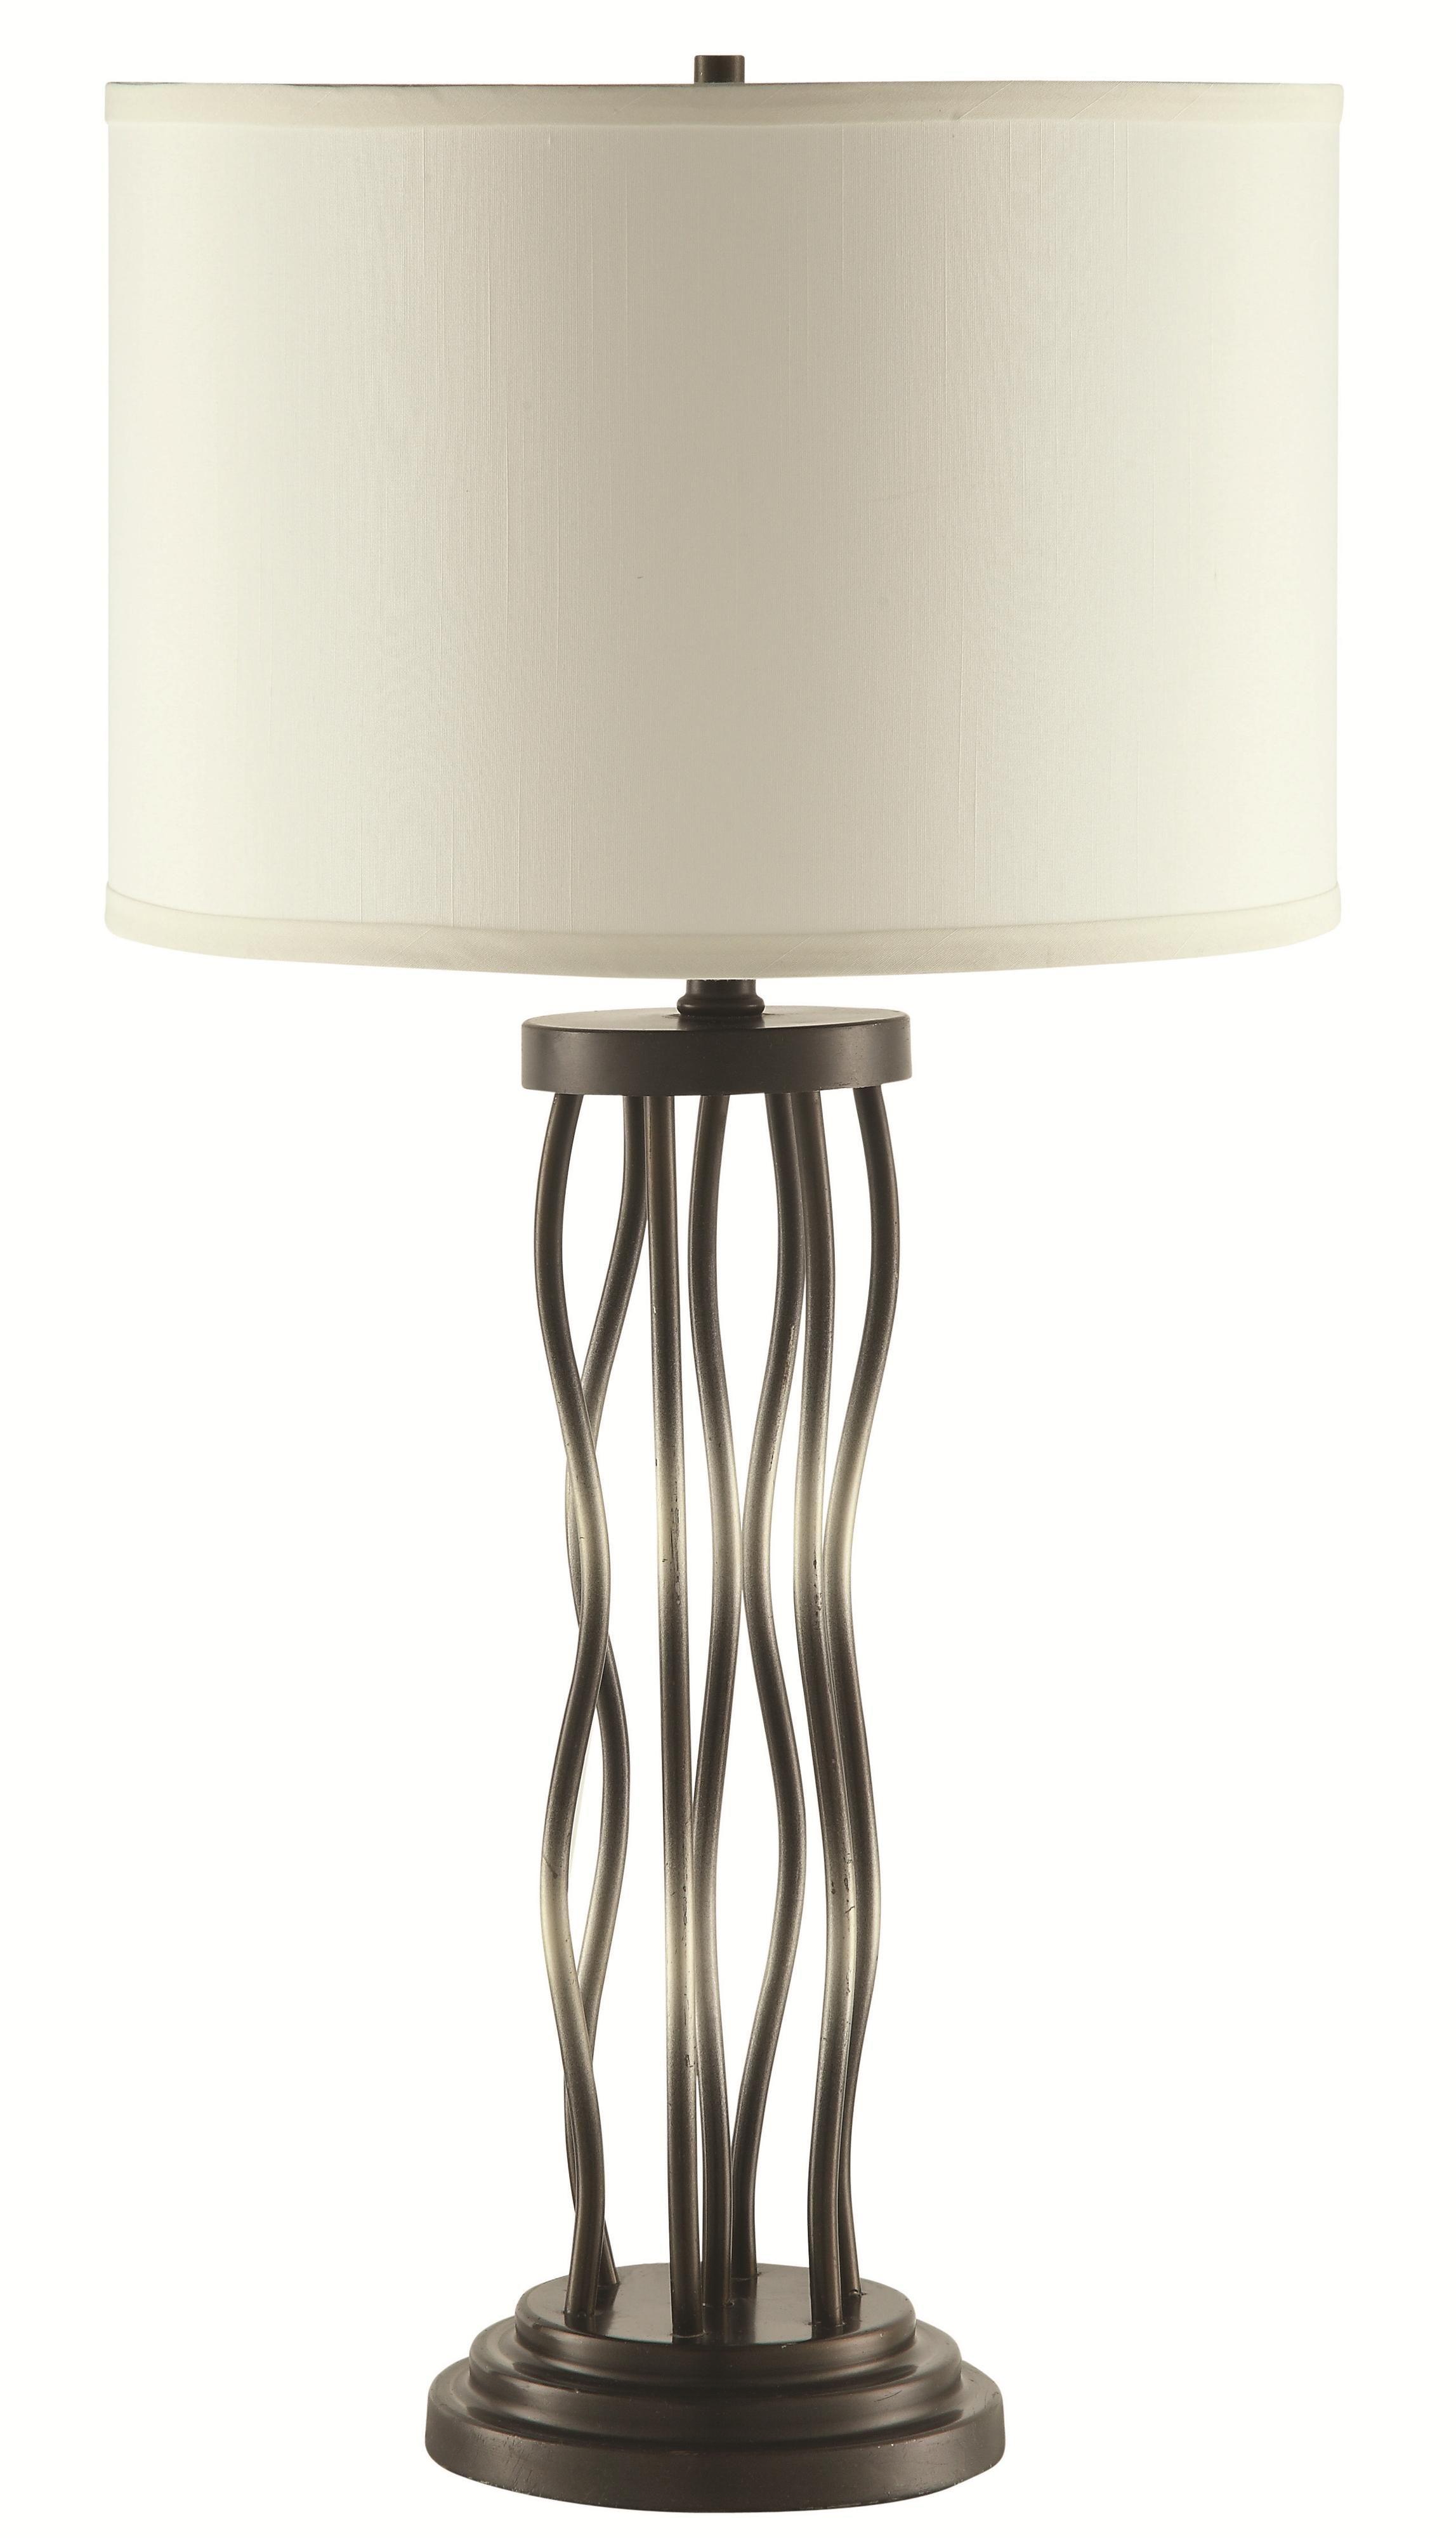 Silber Metall Licht Schatten Primitive Lampenschirme Aus Stahl